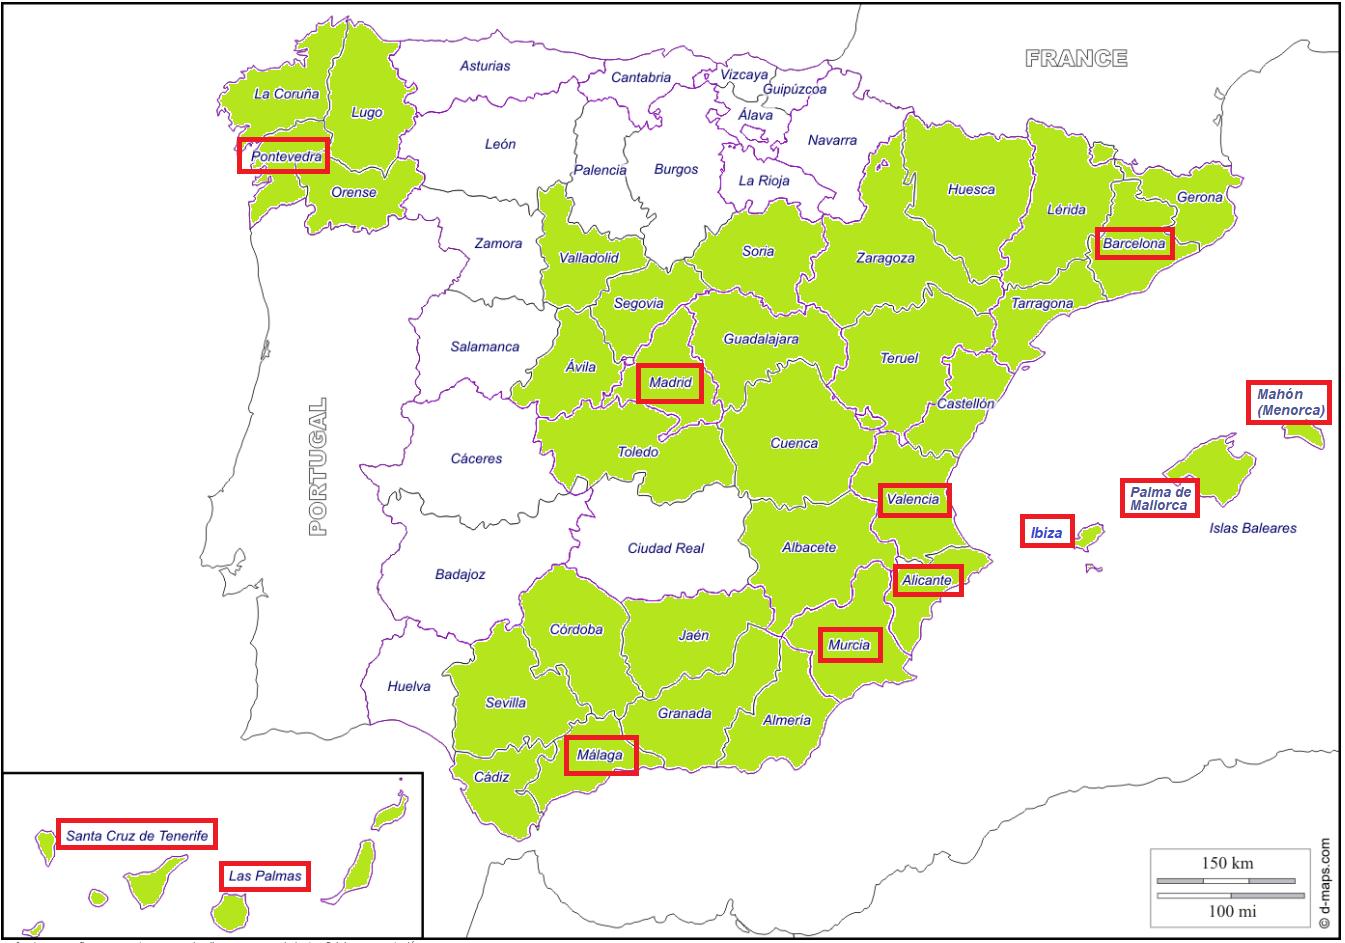 Mapapolíticode España 1e (27-07-2020)